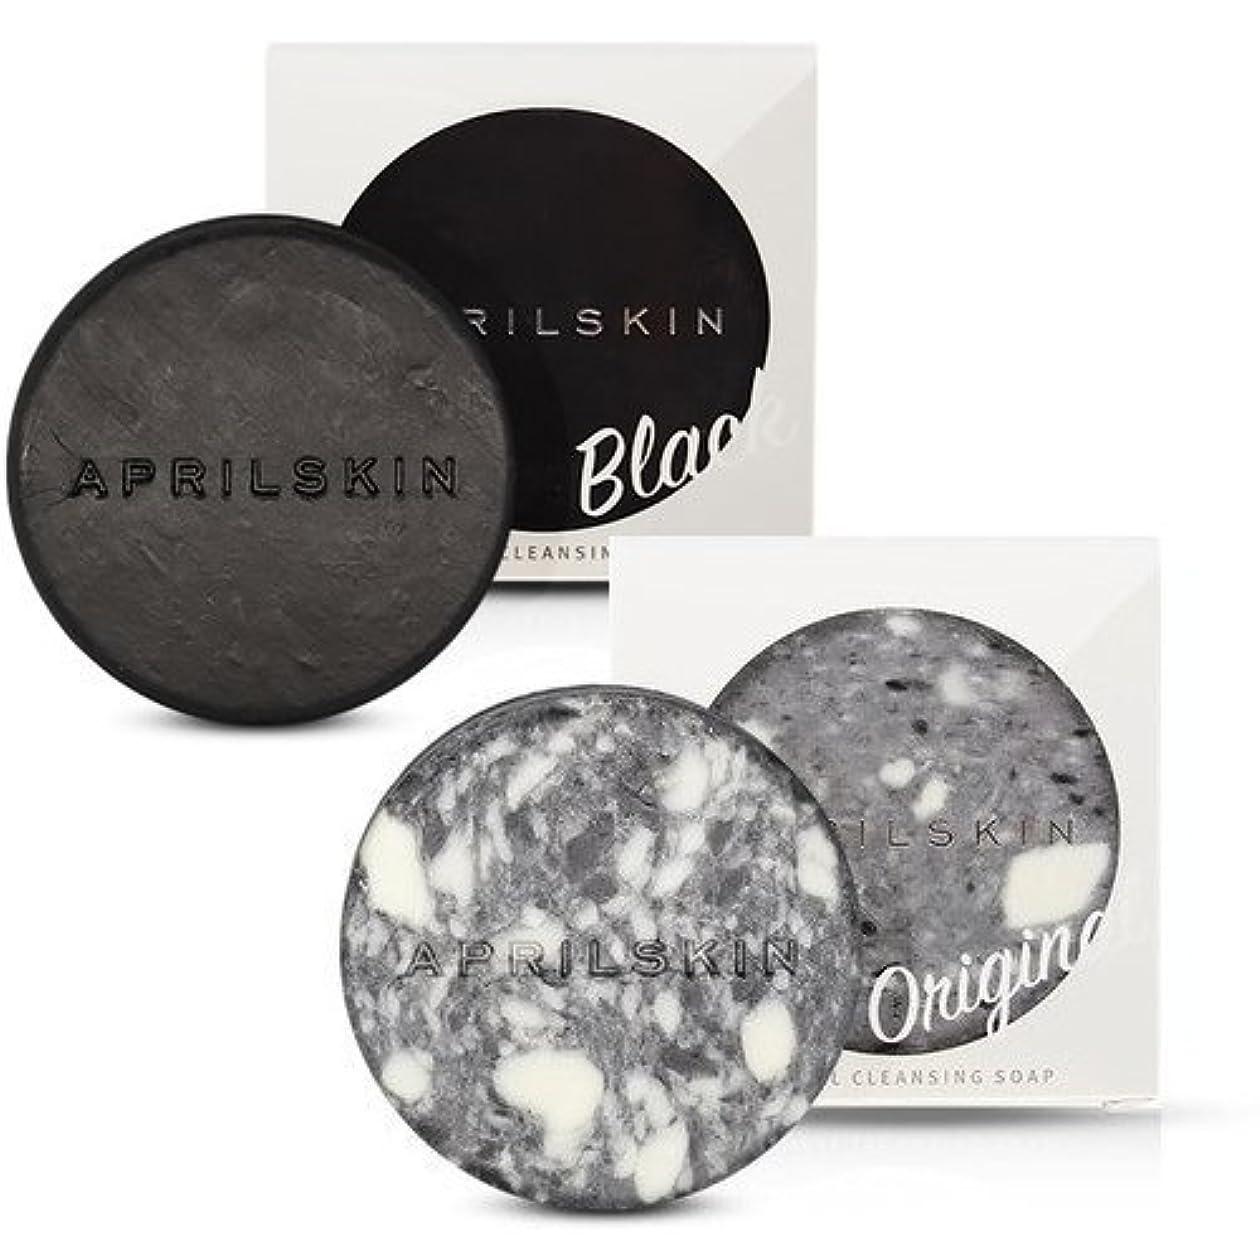 自転車力強い合併[1+1][APRILSKIN] エイプリルスキン国民石鹸 (APRIL SKIN マジックストーンのリニューアルバージョン新発売) (ORIGINAL+BLACK) [並行輸入品]